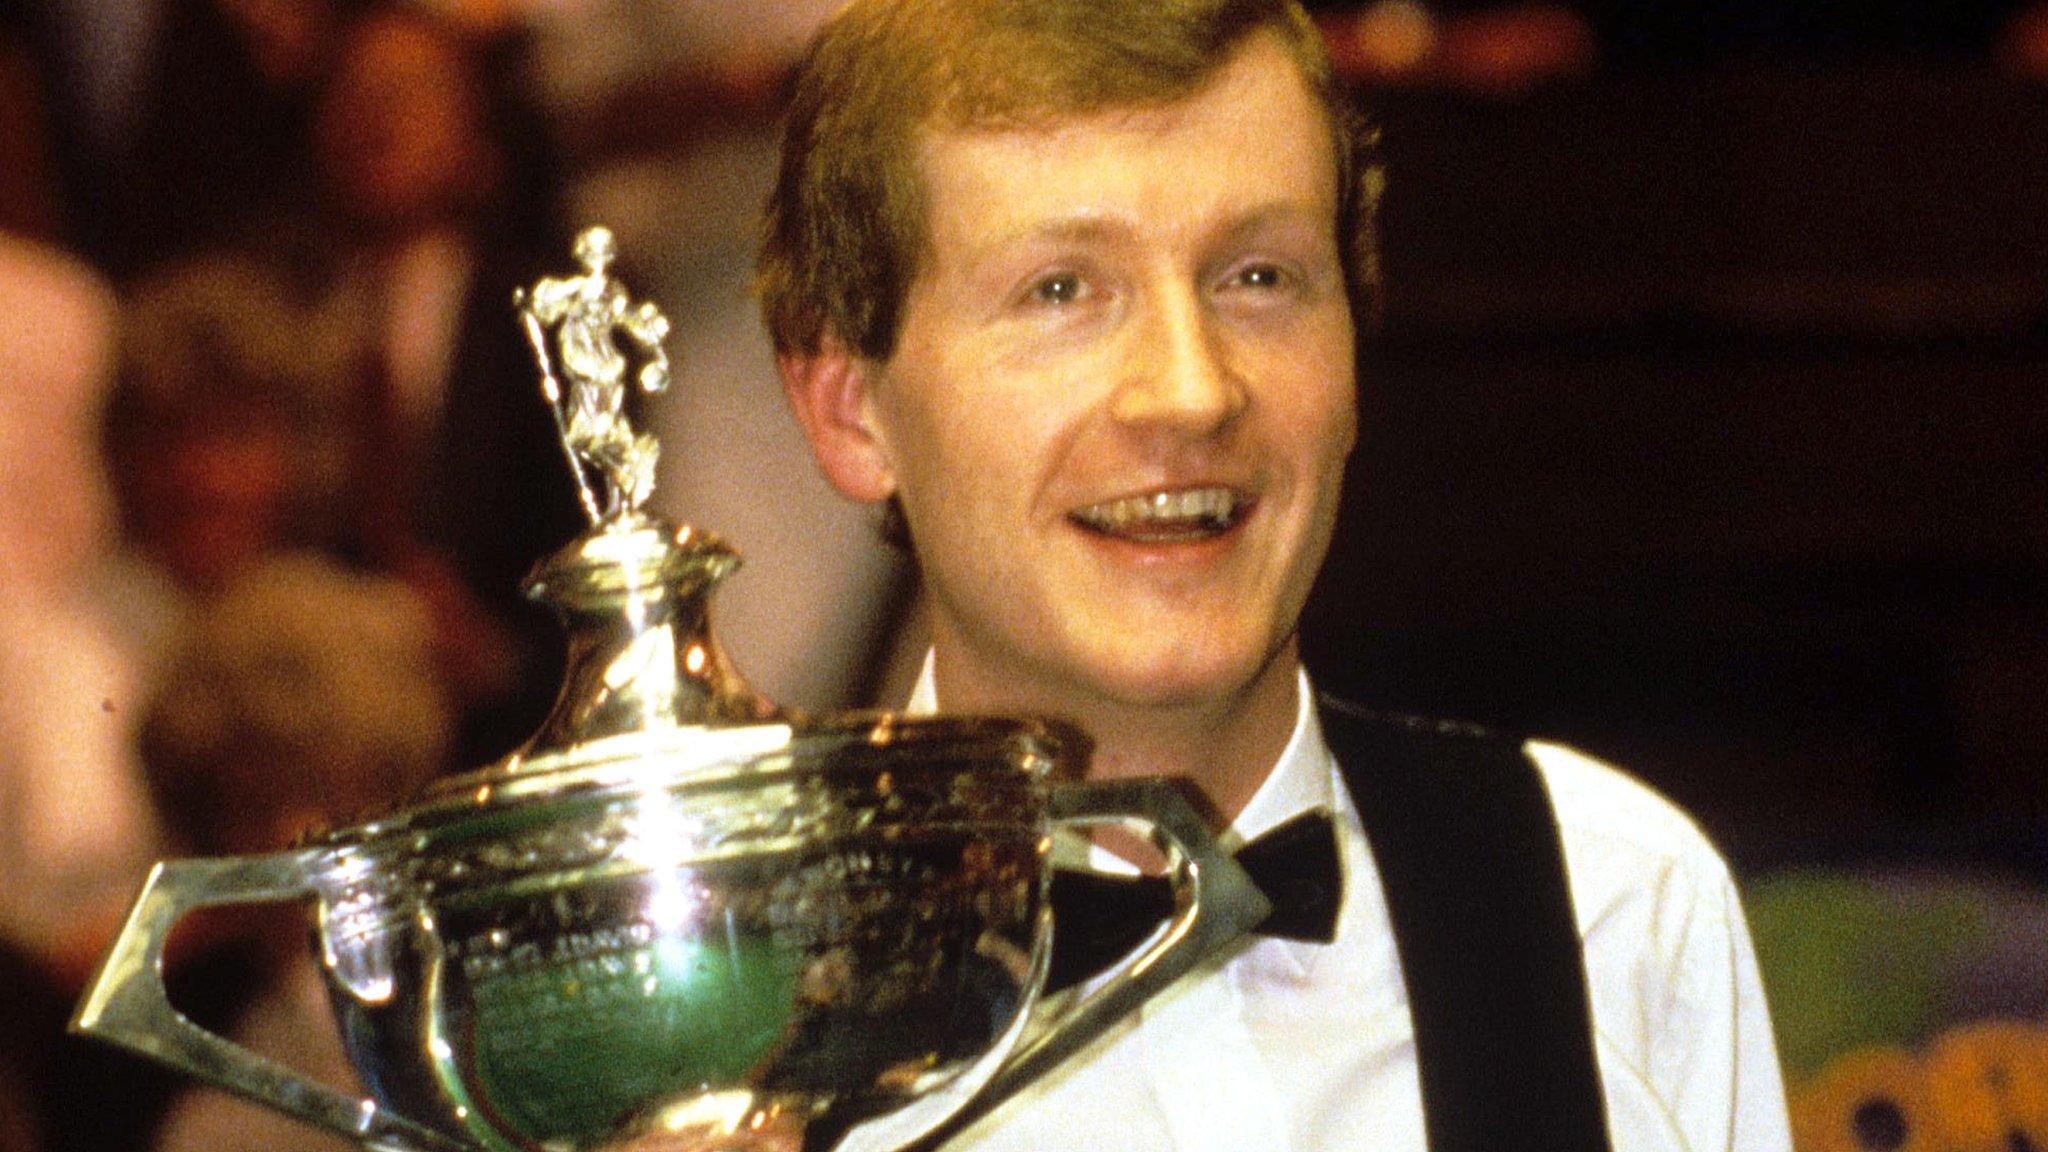 English Open trophy named after Steve Davis